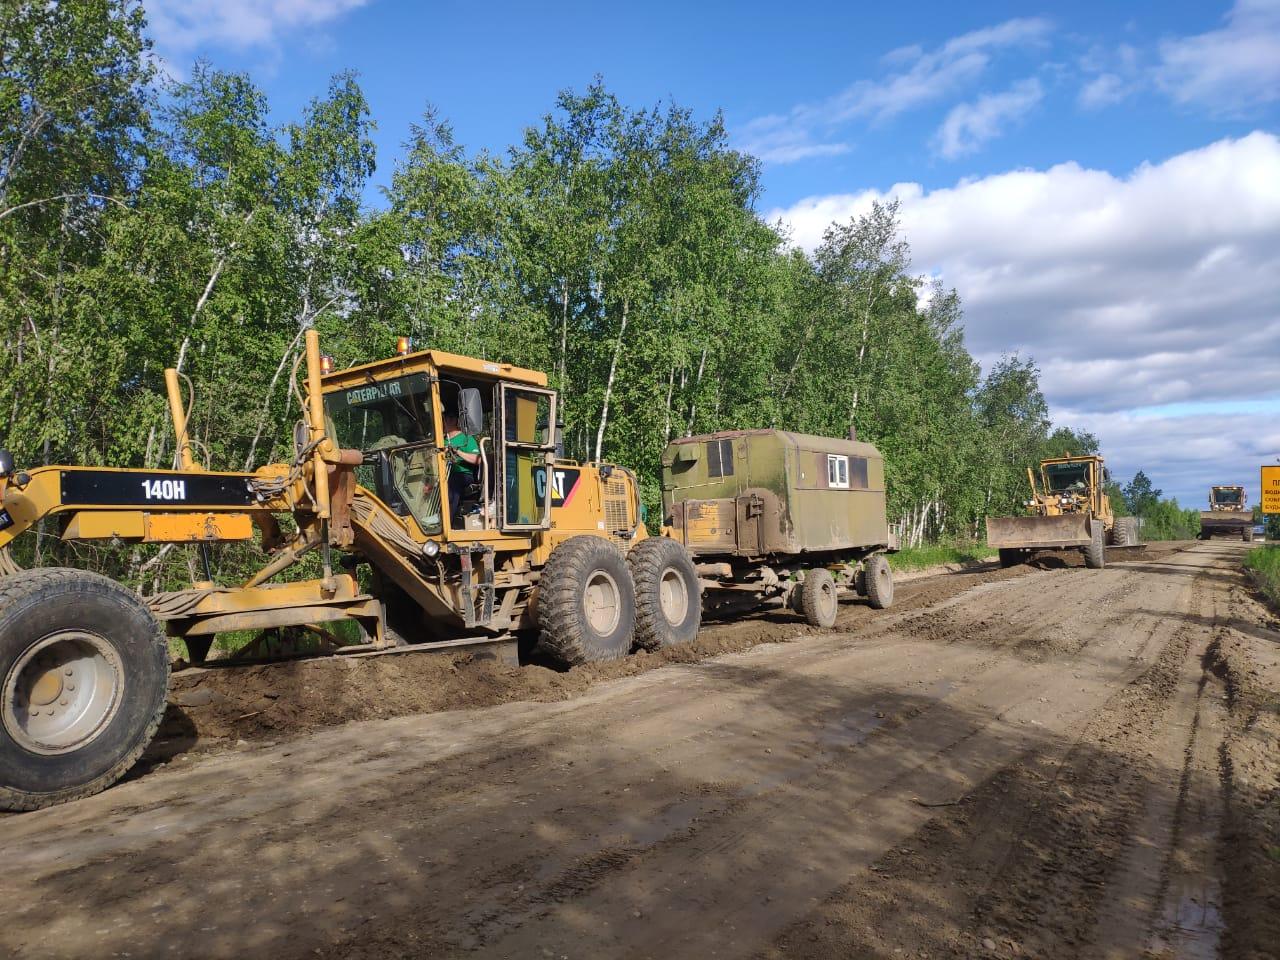 На автодороге «Амга» ведутся дорожные работы к VII Спортивным играм народов Якутии